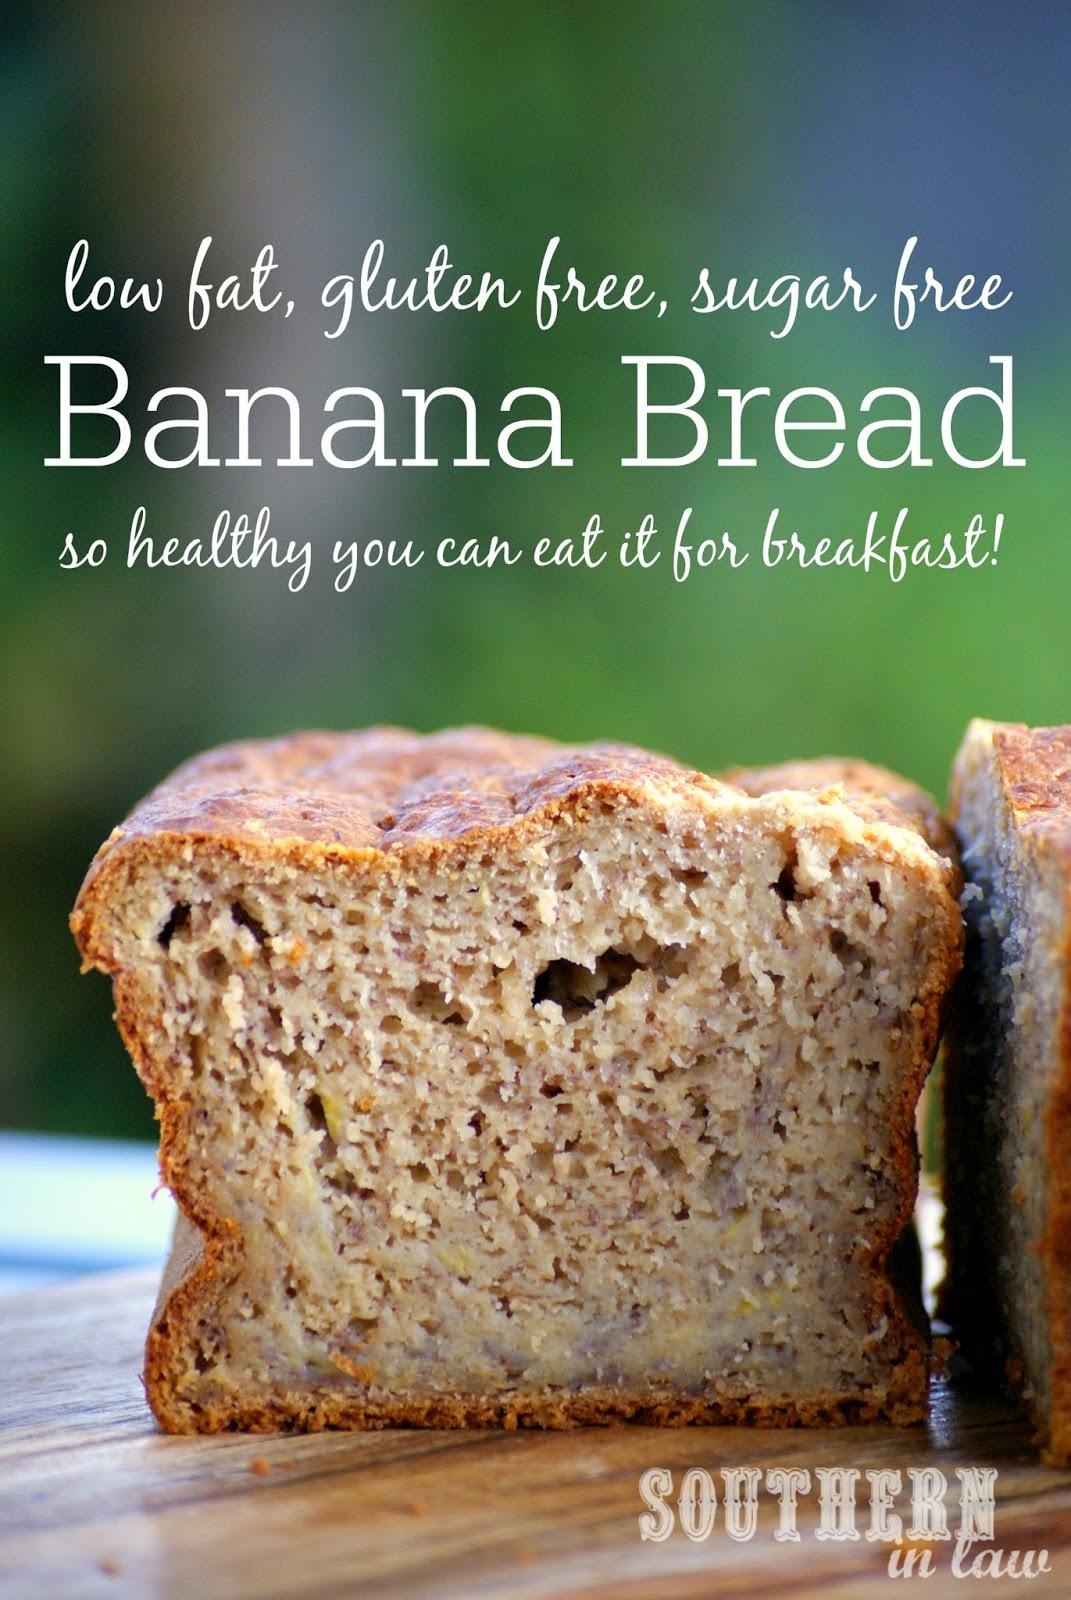 Southern in law recipe the best healthy banana bread gluten free banana bread recipe low fat gluten free sugar free healthy forumfinder Image collections